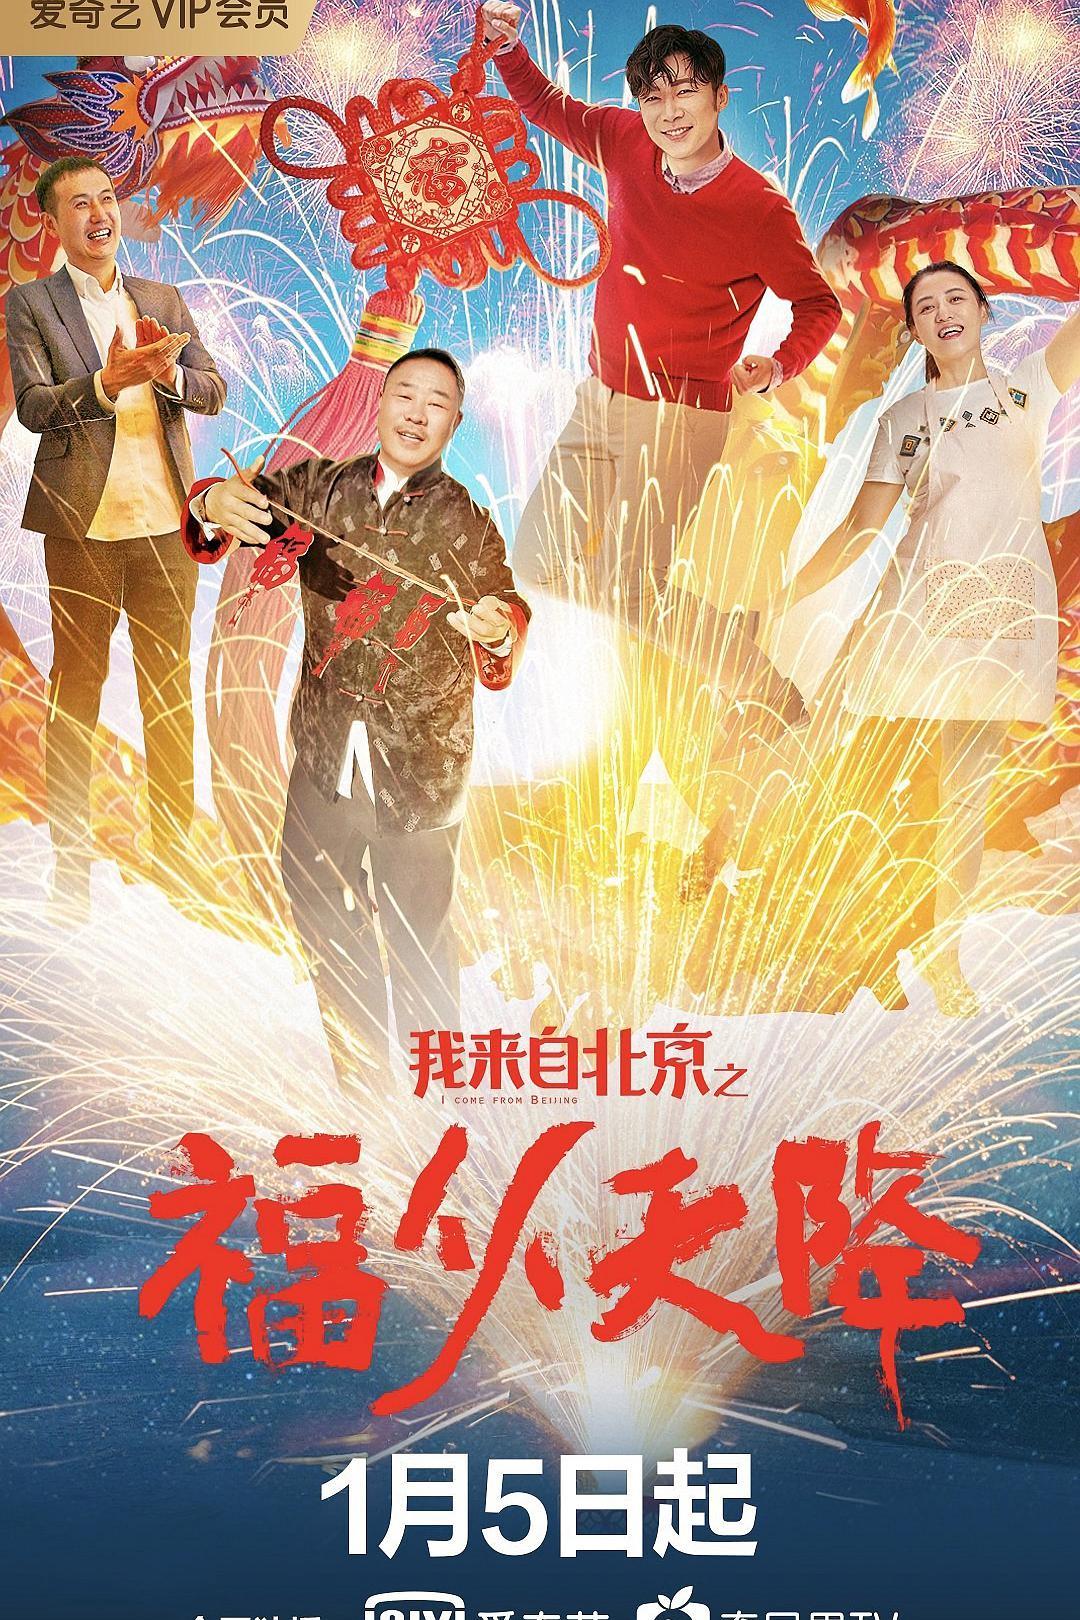 悠悠MP4_MP4电影下载_[我来自北京之福从天降][WEB-MKV/2.95GB][国语配音/中文字幕][1080P][H265编码][扶贫,喜剧,农村,河南方言喜剧,我来自